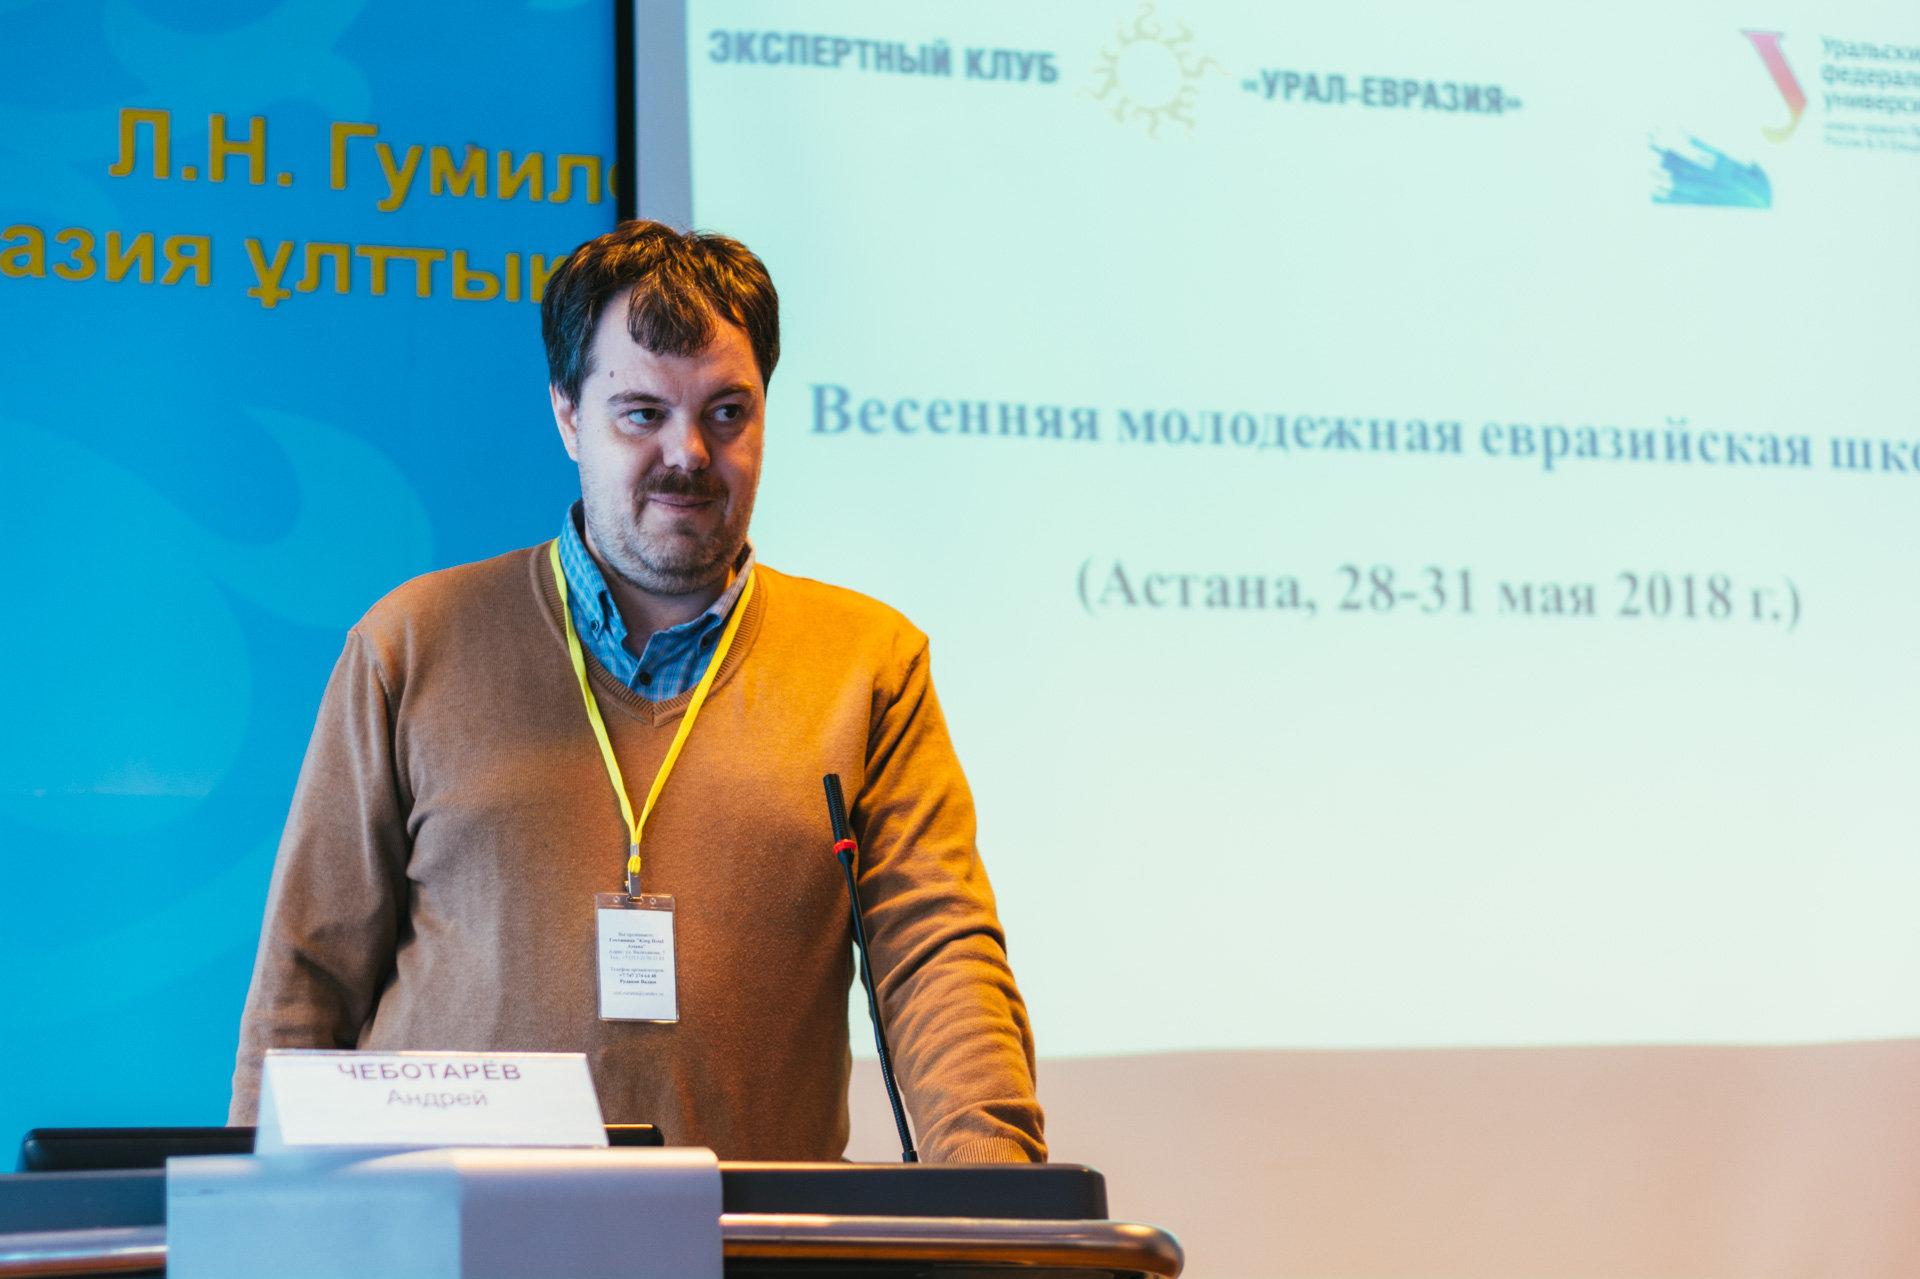 Альтернатива өзекті зерттеулер орталығының директоры, саясаттанушы Андрей Чеботарев